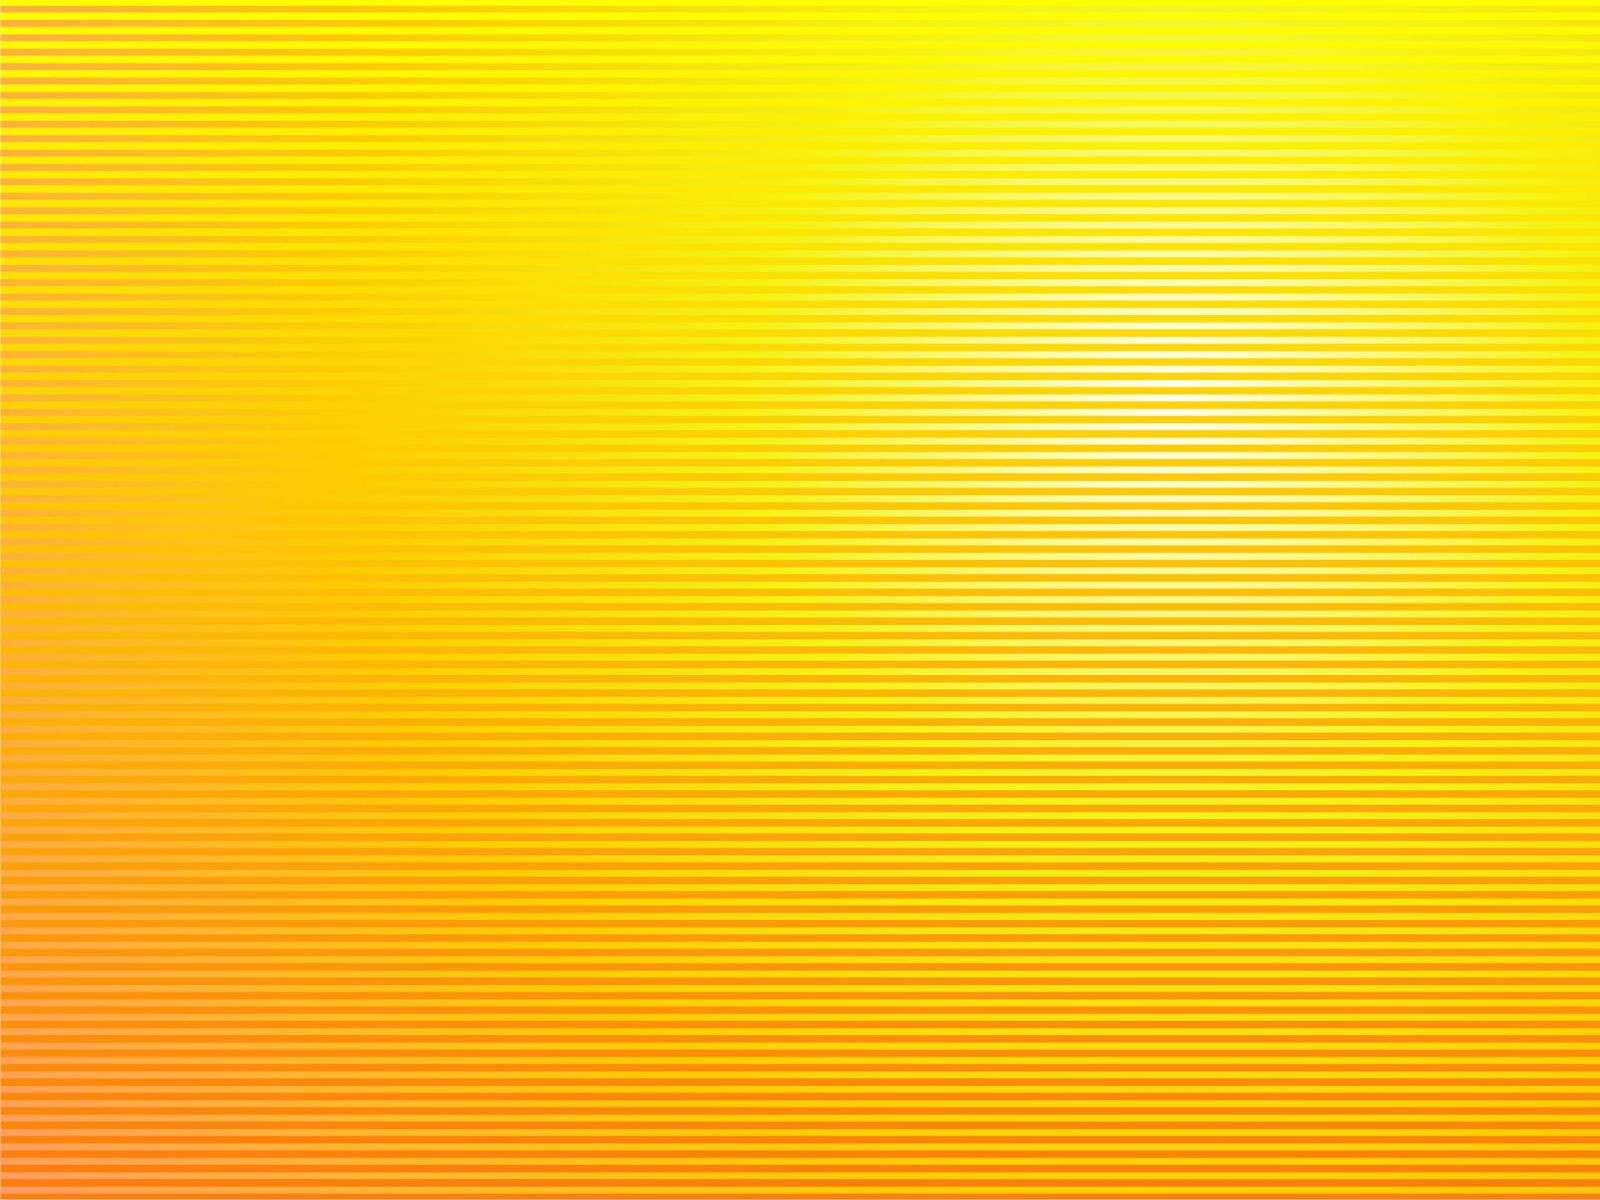 صوره خلفية صفراء , الاصفر هو الافضل لخلفياتك